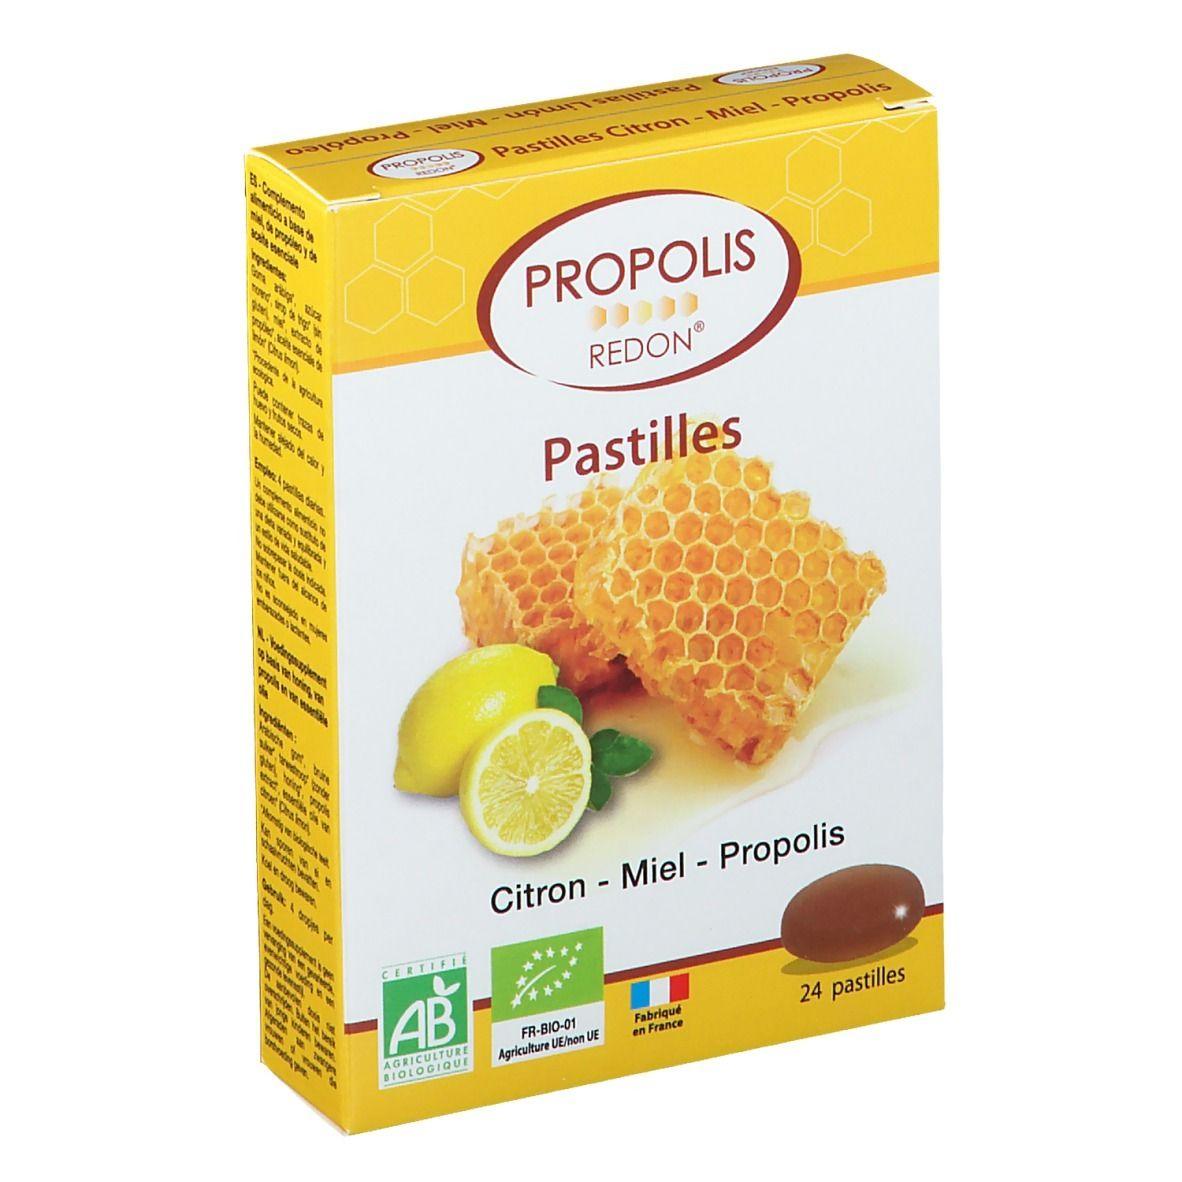 Propolis Redon® Pastilles Citron, Miel et Propolis pc(s) pastille(s)